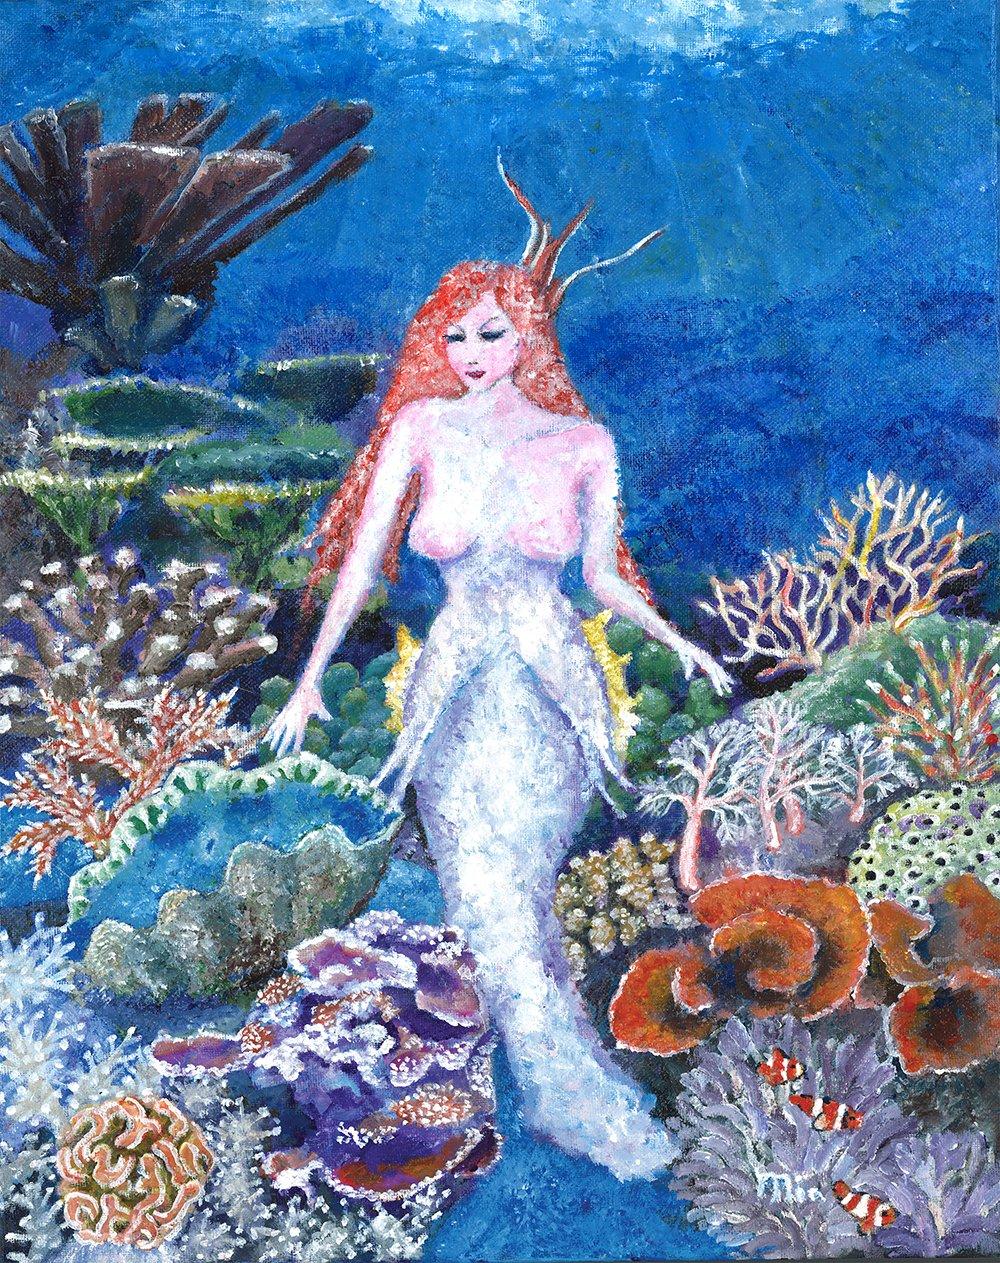 Mermaid In Her Gerden by Mia Story